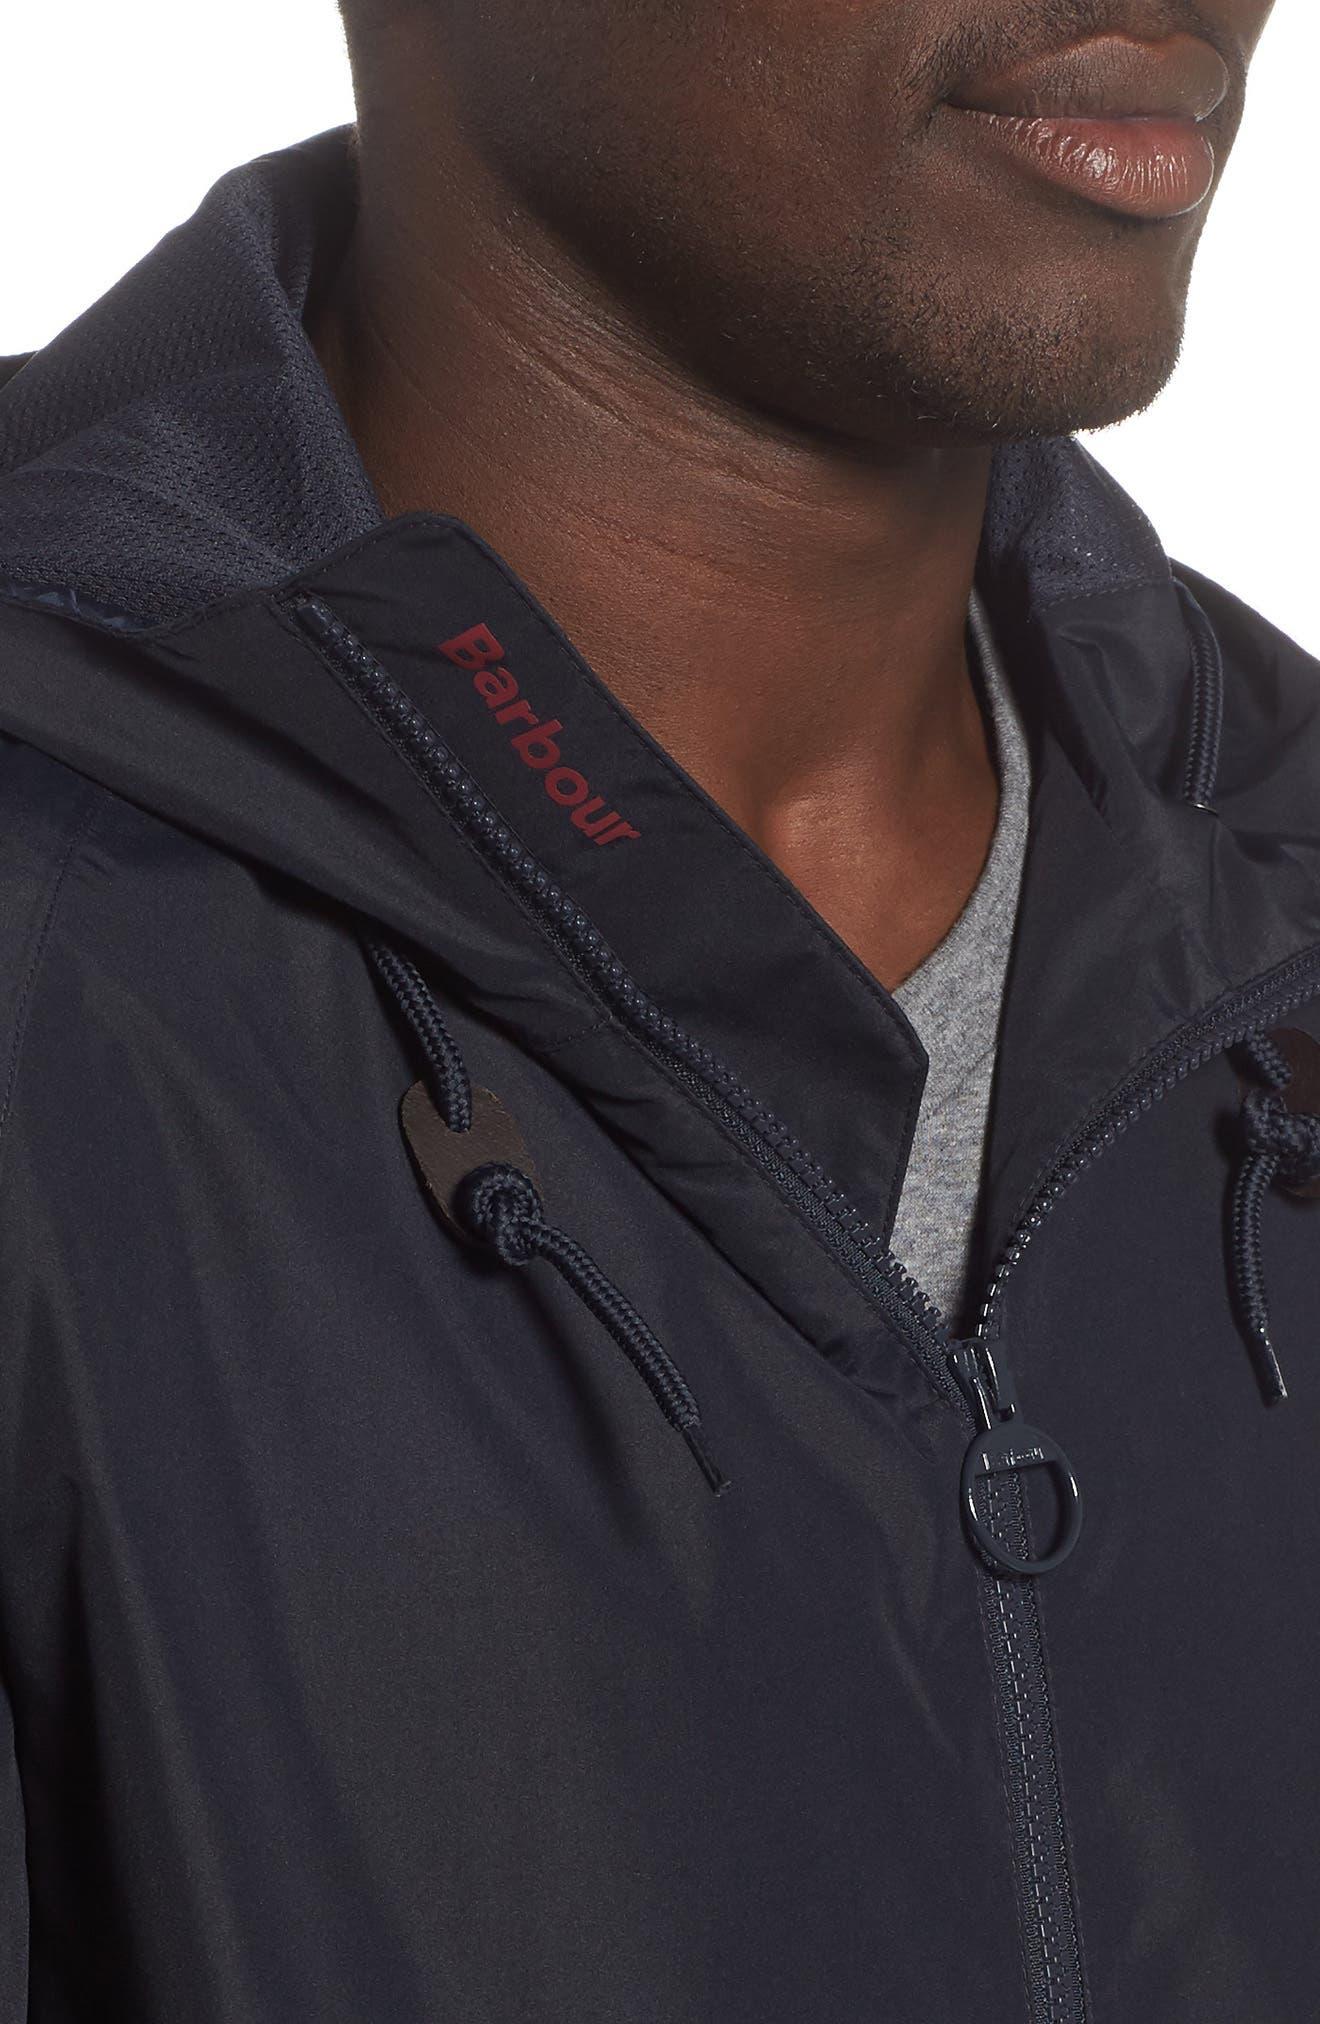 Twent Waterproof Jacket,                             Alternate thumbnail 4, color,                             Navy